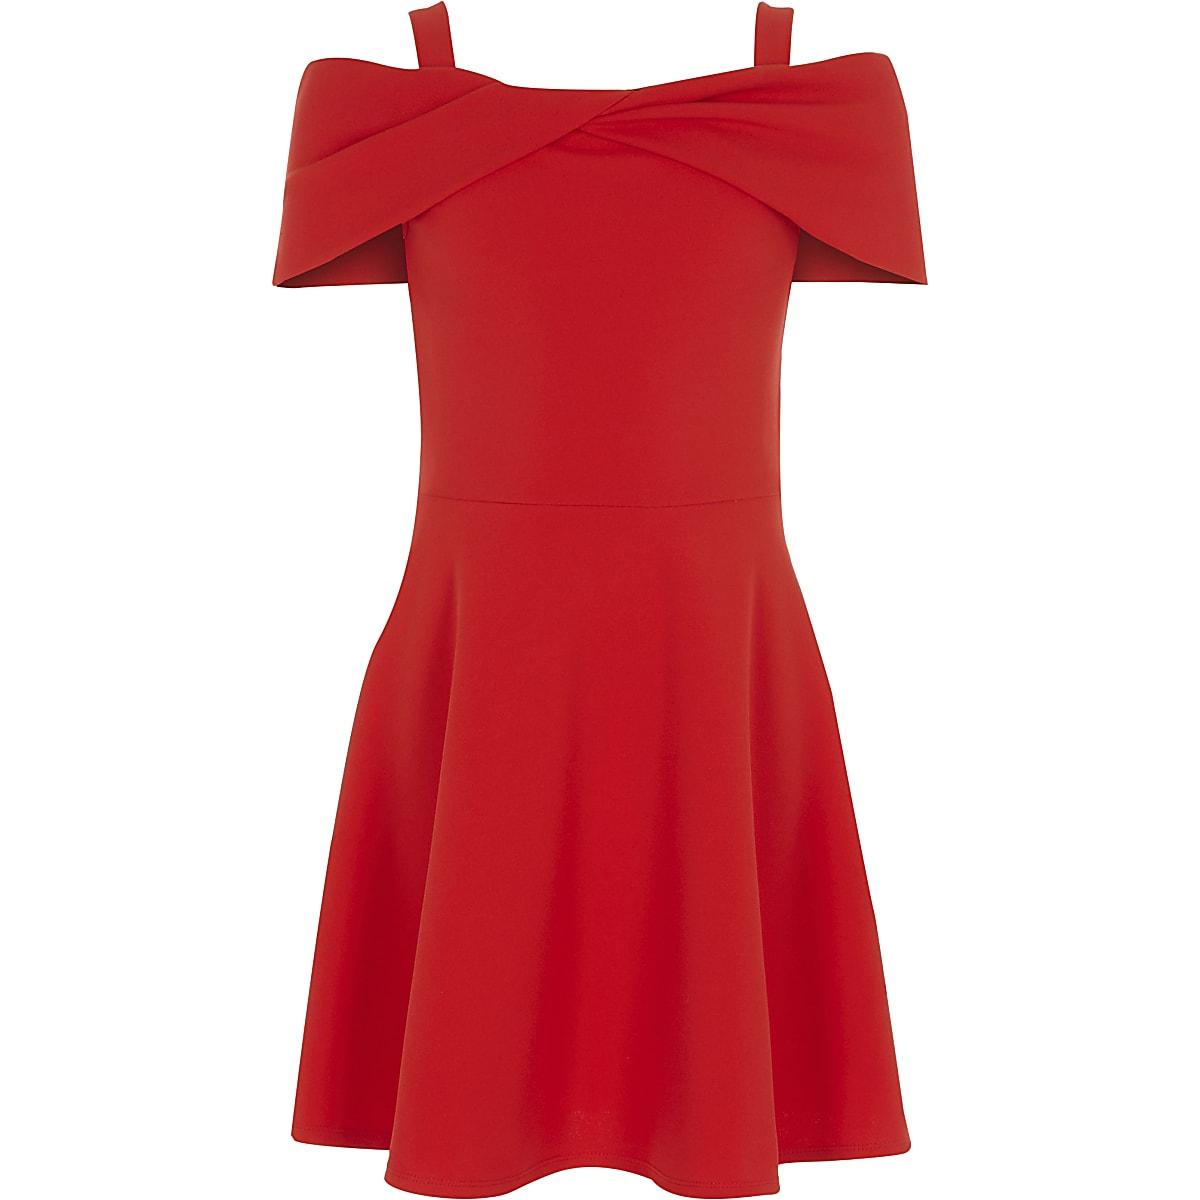 3b6a9f1c9cec9 Robe patineuse Bardot en néoprène rouge à nœud pour fille - Robes de ...